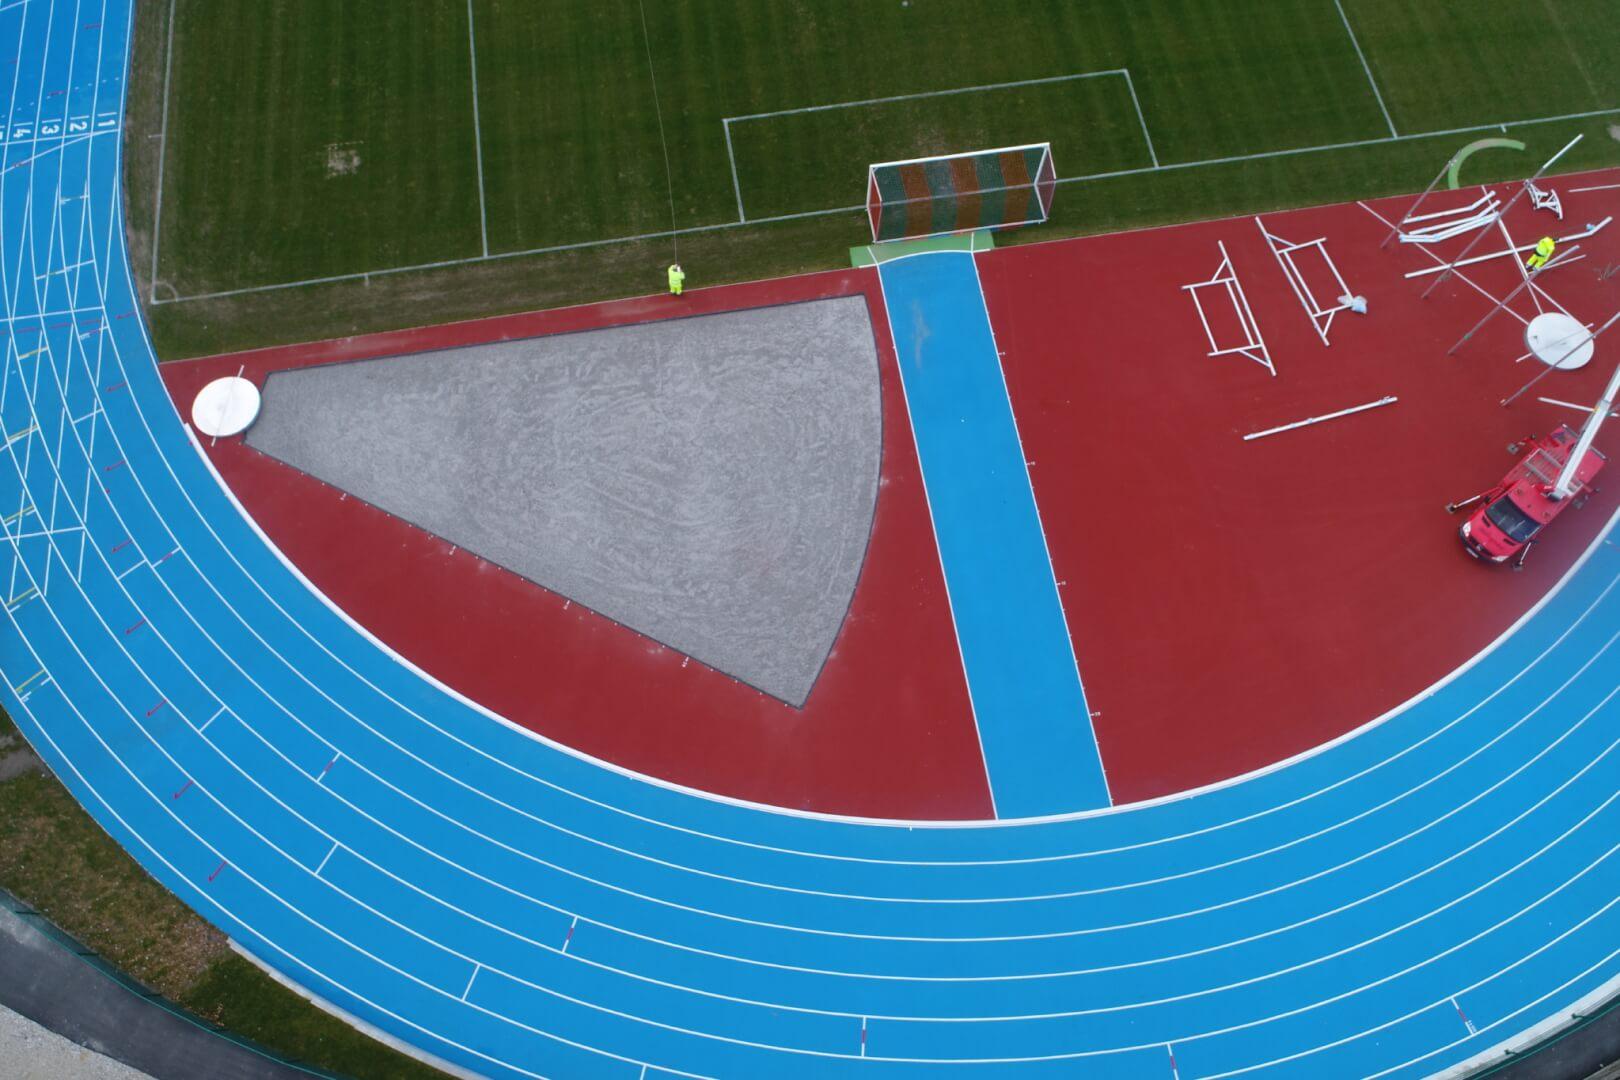 Hvidovre Stadion